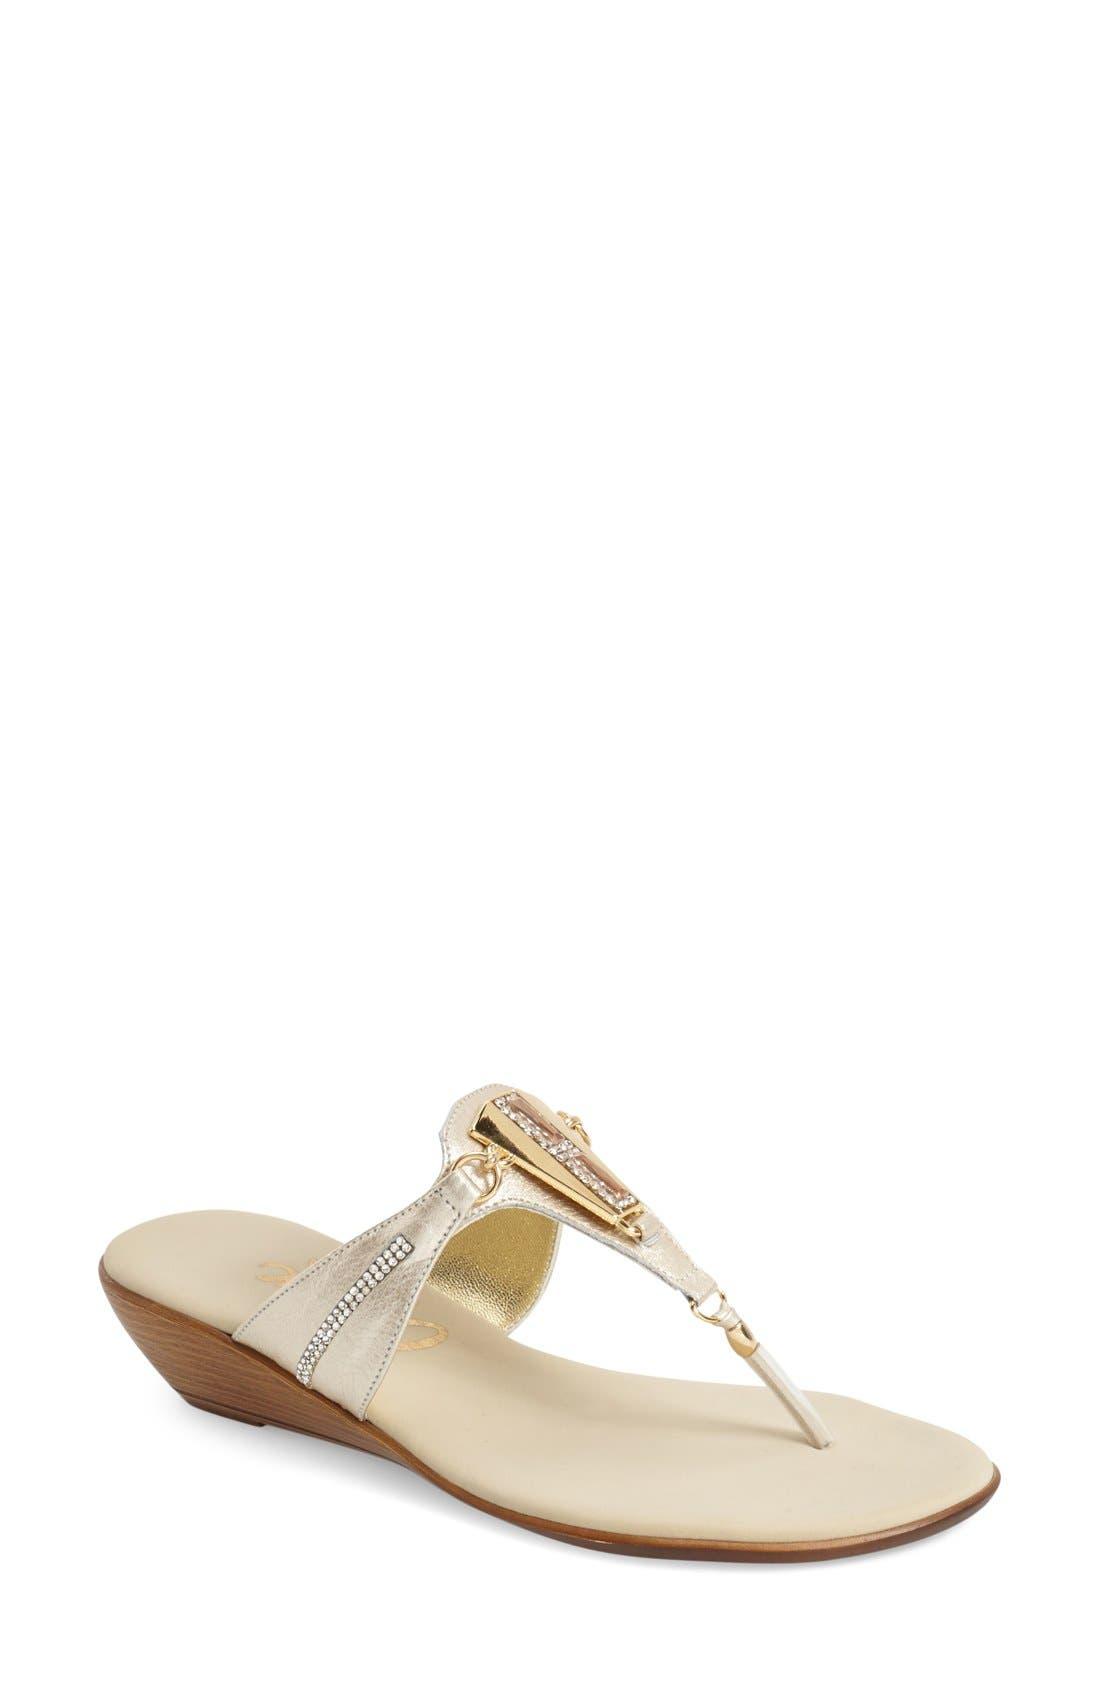 ONEX 'Art Deco' Sandal